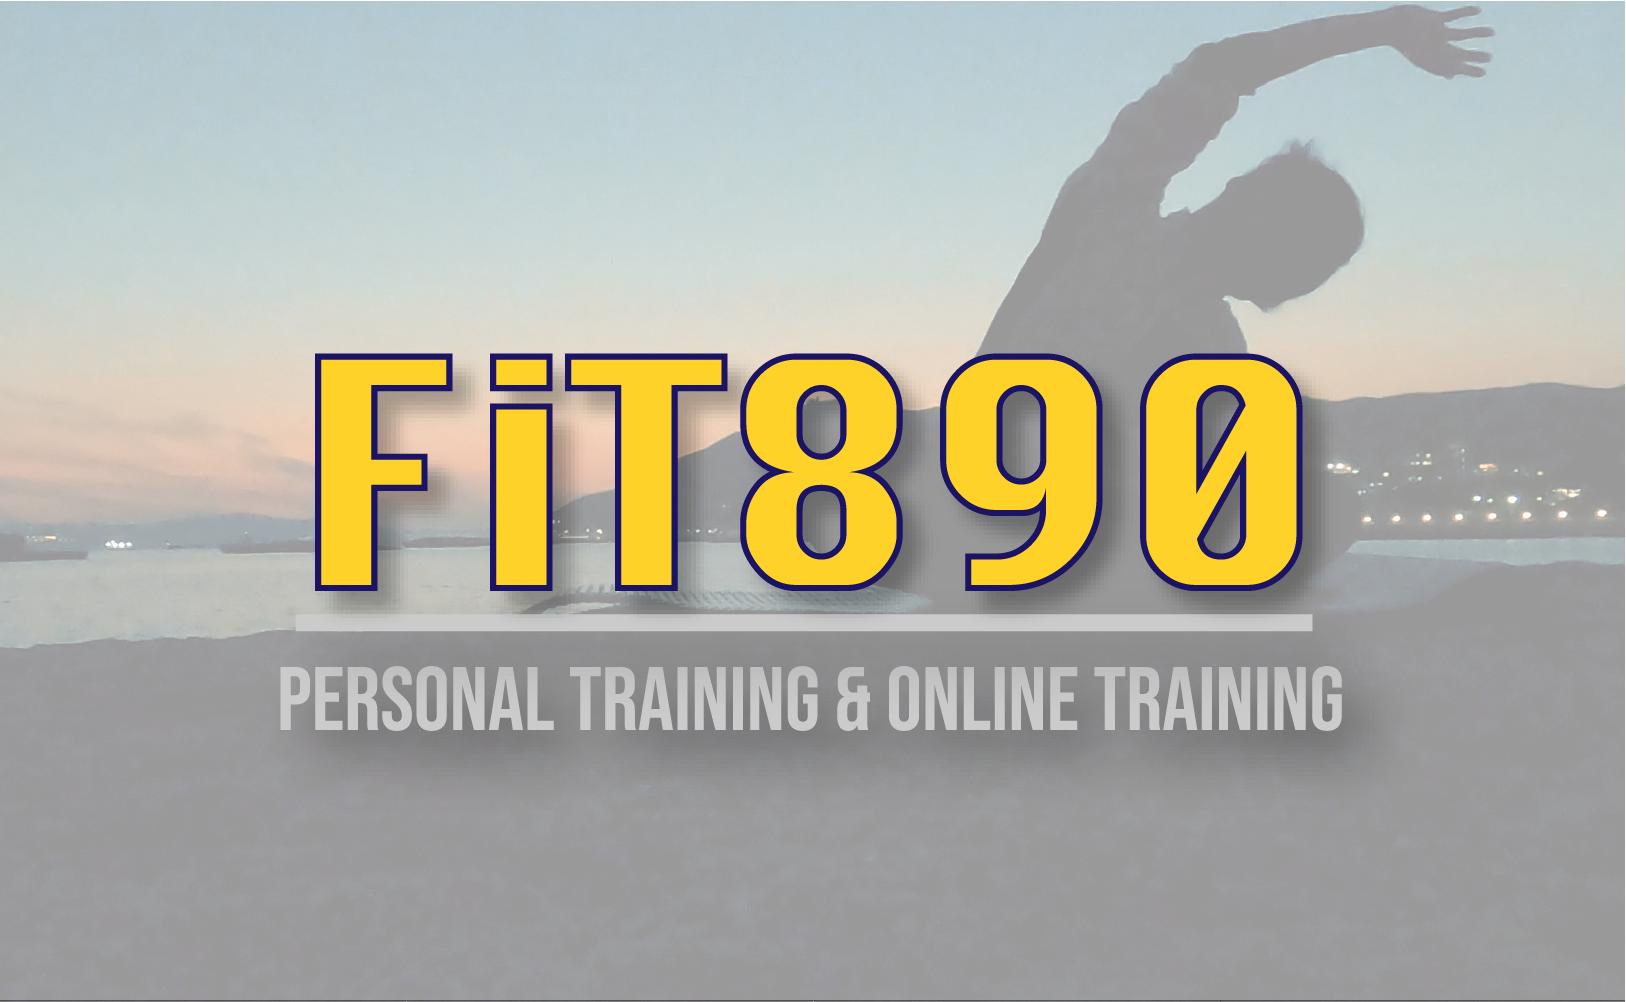 FiT890のアイコン